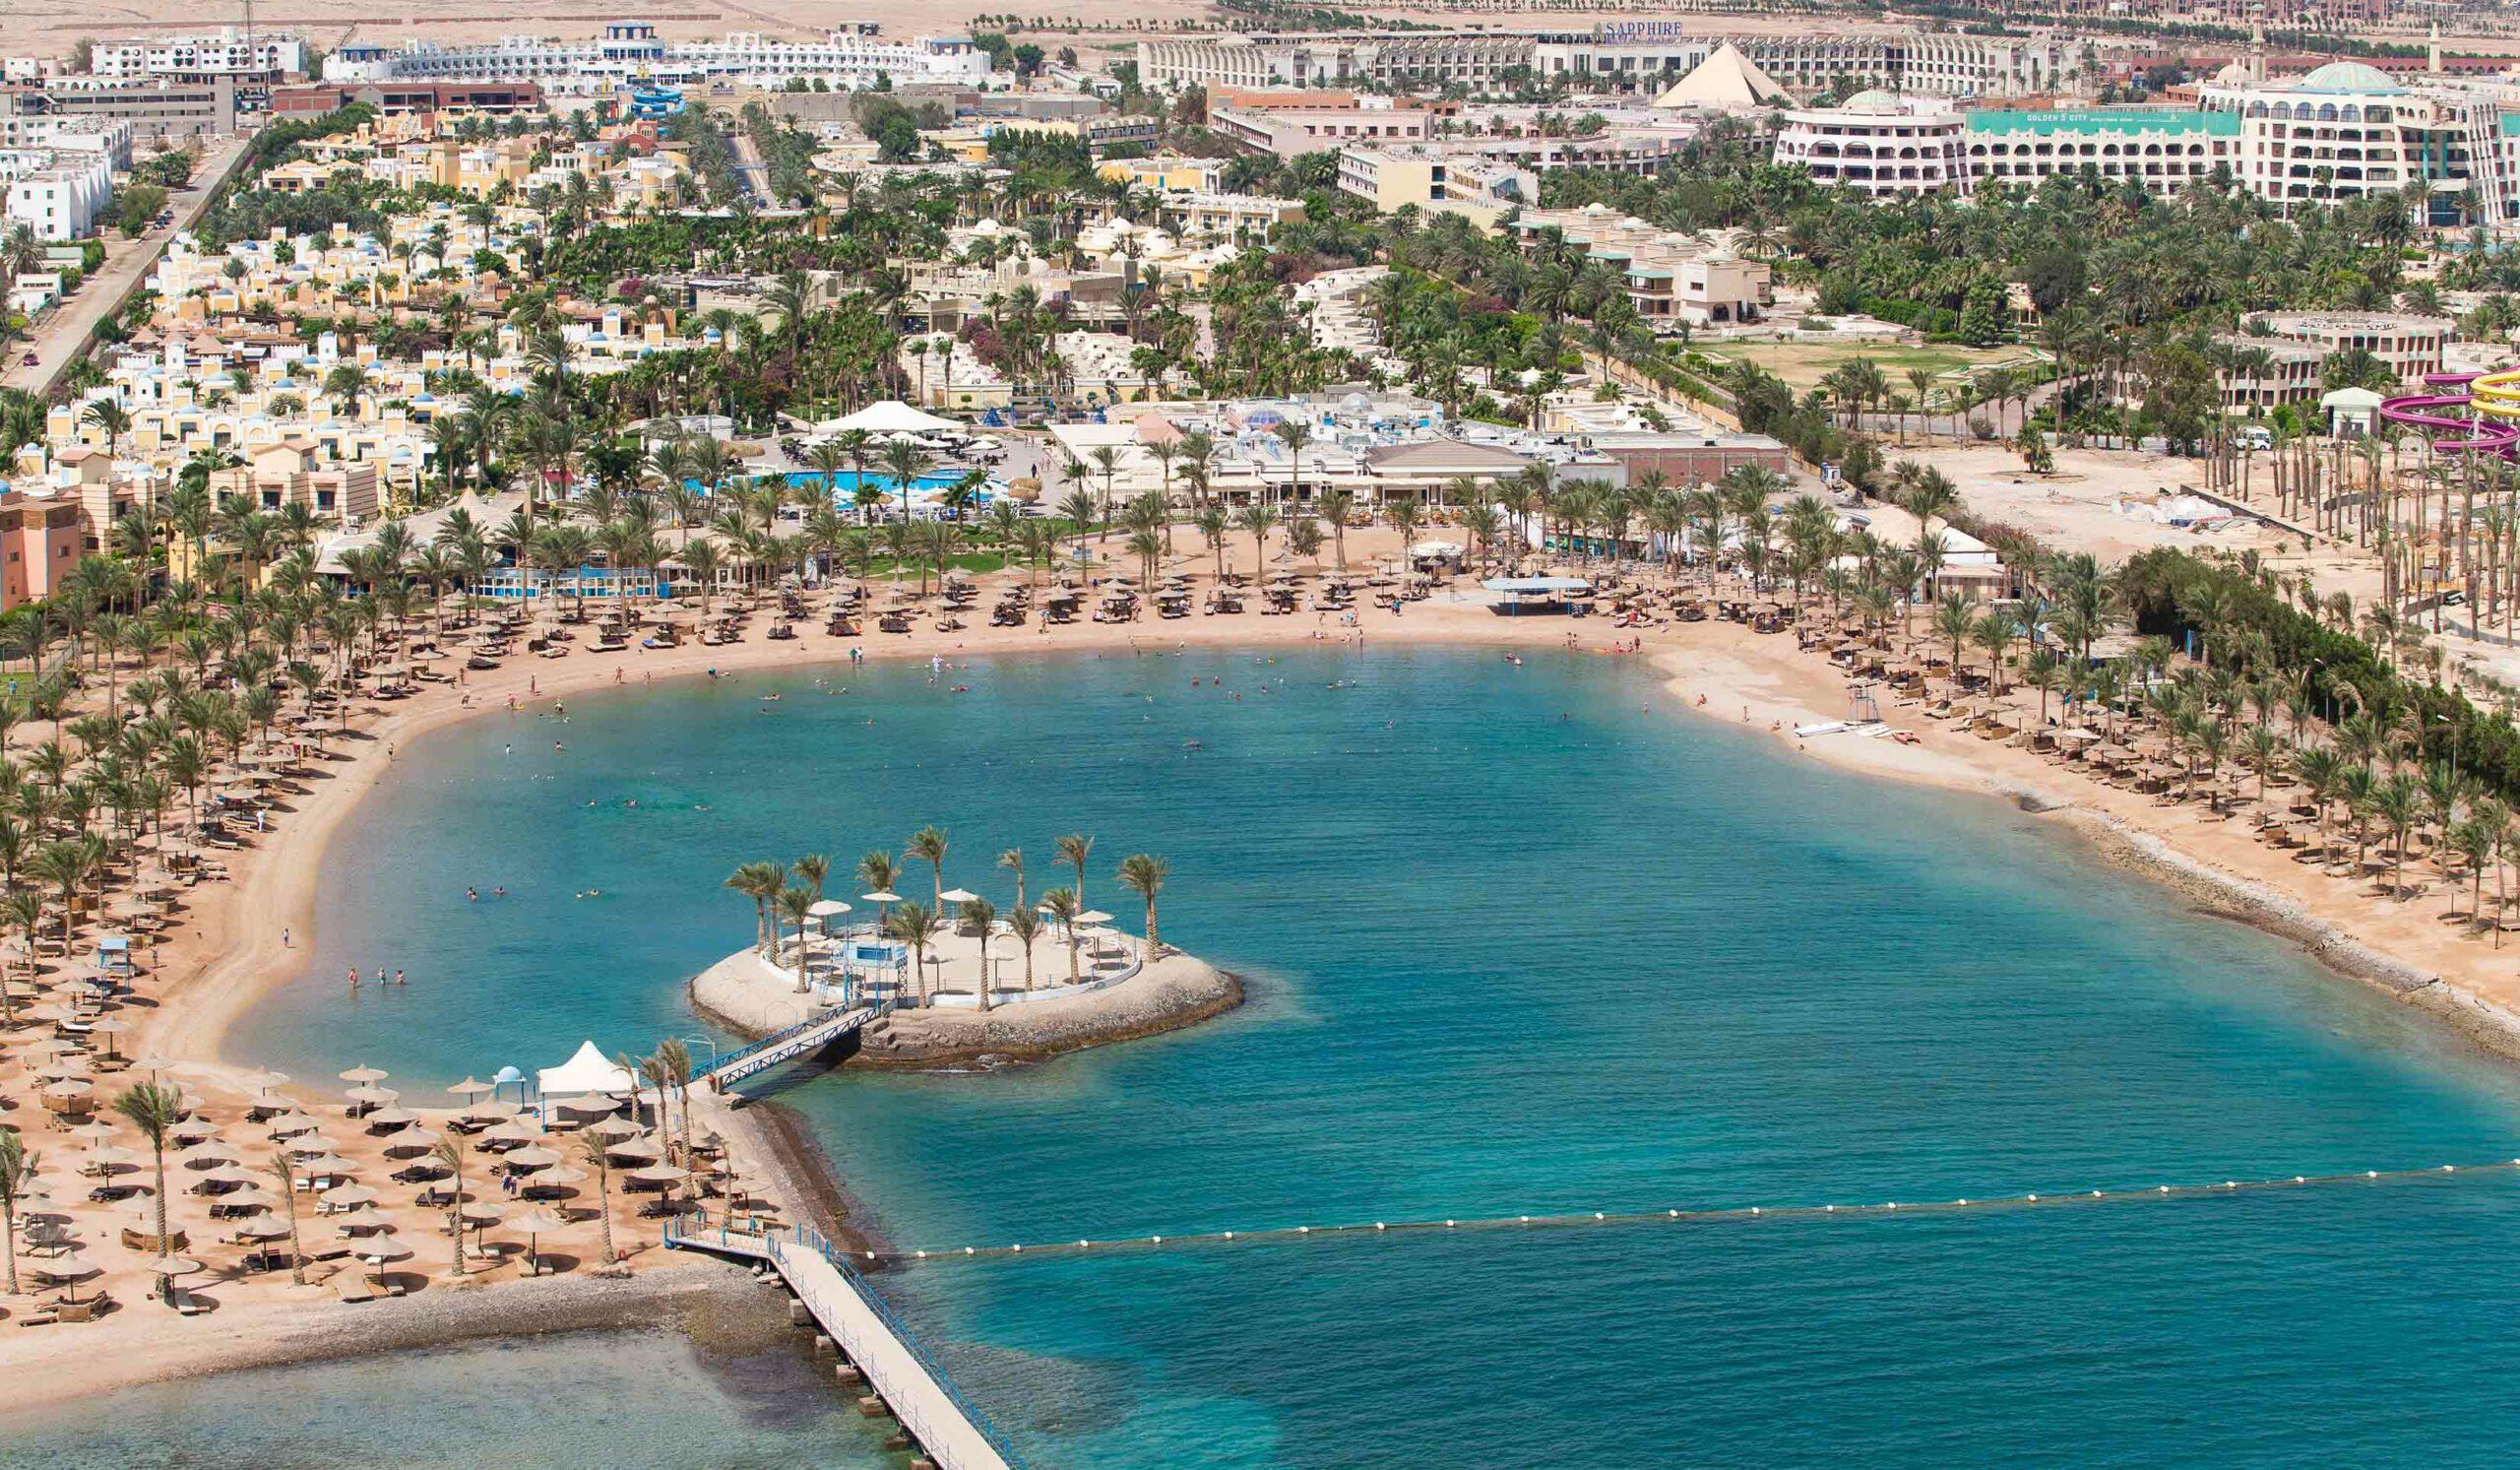 Єгипет зі Львова, Mirage Bay Resort & Aquapark 4*